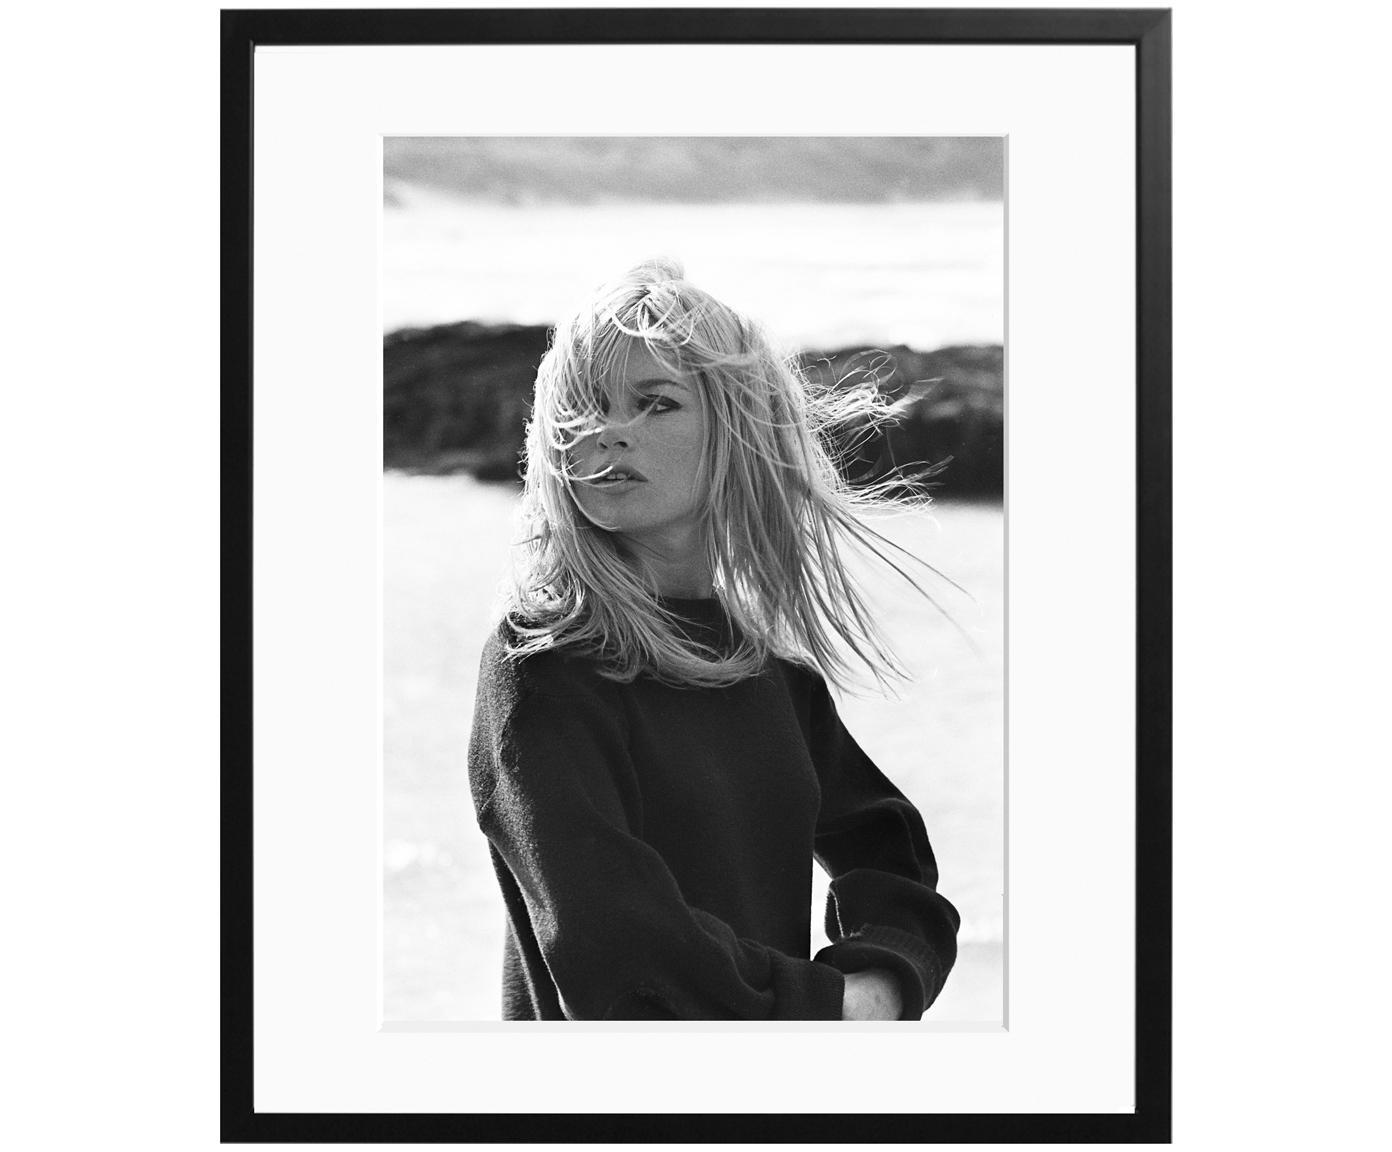 Stampa fotografica incorniciata Bardot Poses, Immagine: carta Fuji Crystal Archiv, Struttura: legno, verniciato, Immagine: nero, bianco Cornice: nero Frontale: trasparente, 50 x 60 cm